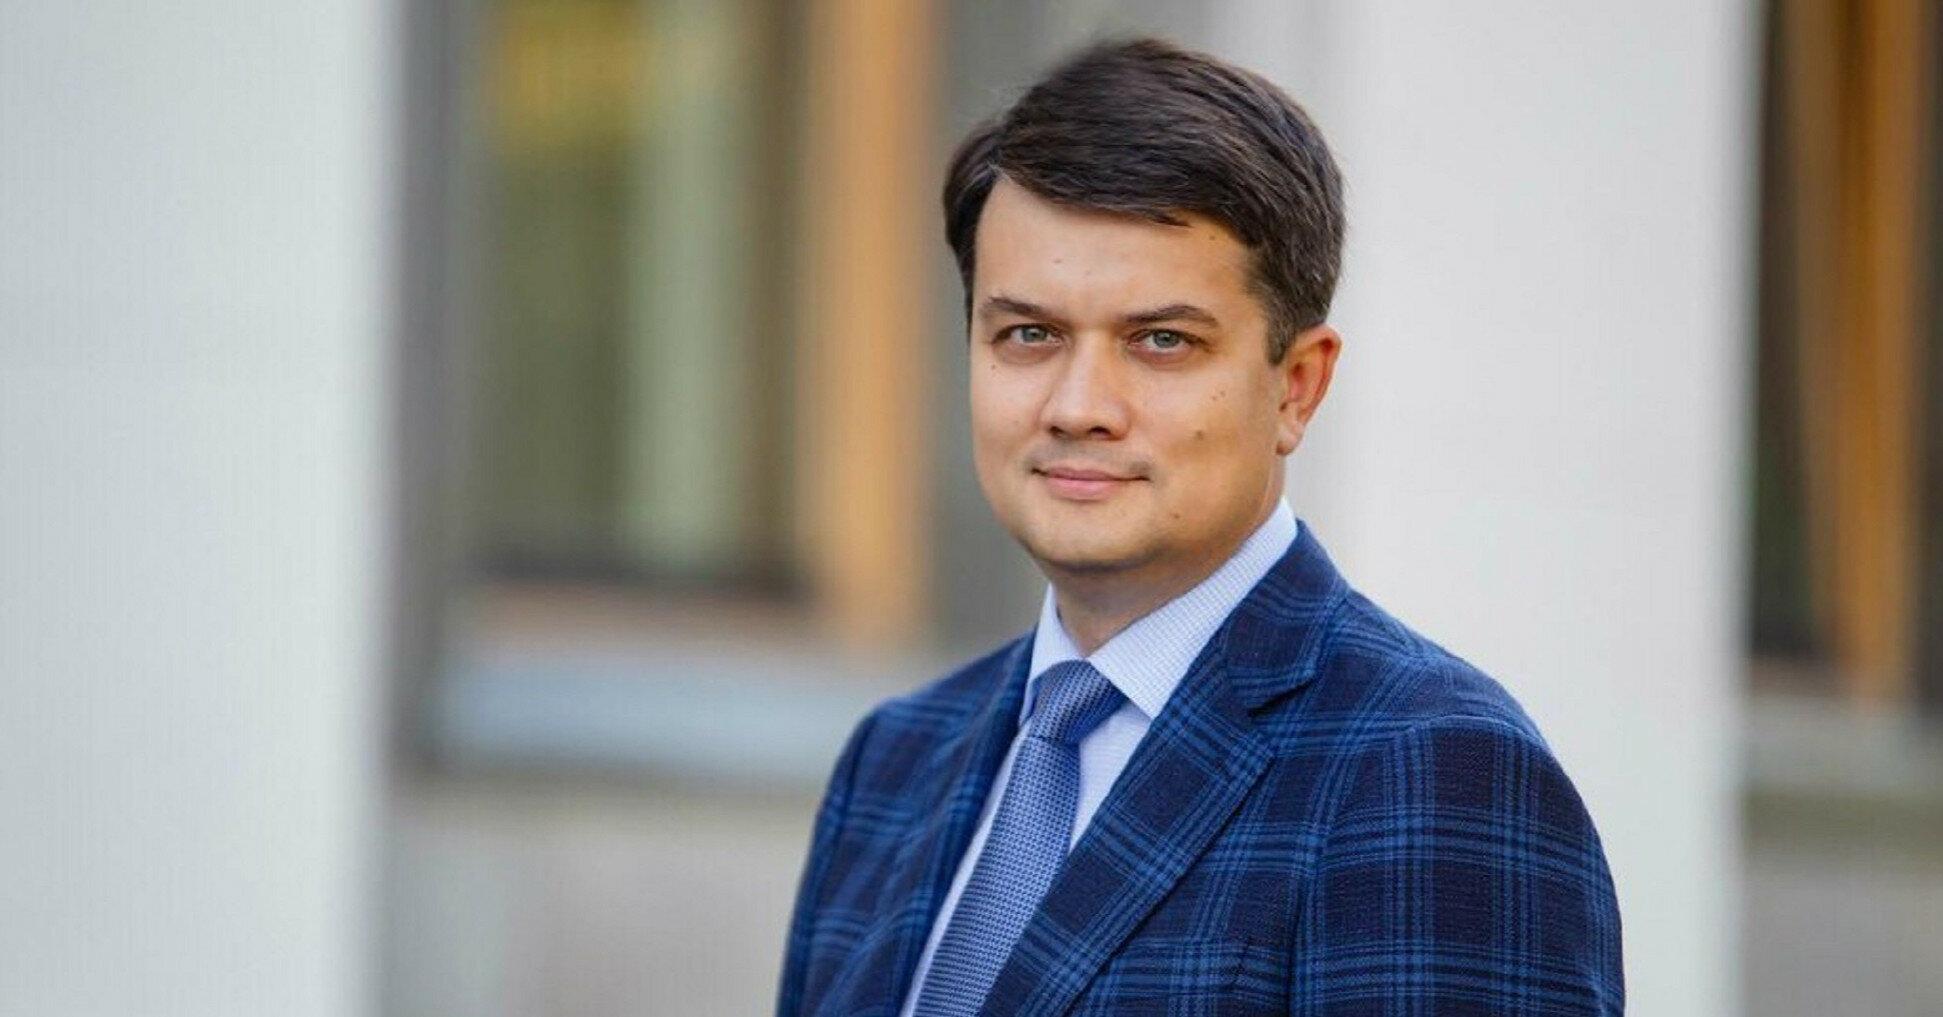 Спикер ВР хочет исправить законопроект Зеленского об олигархах